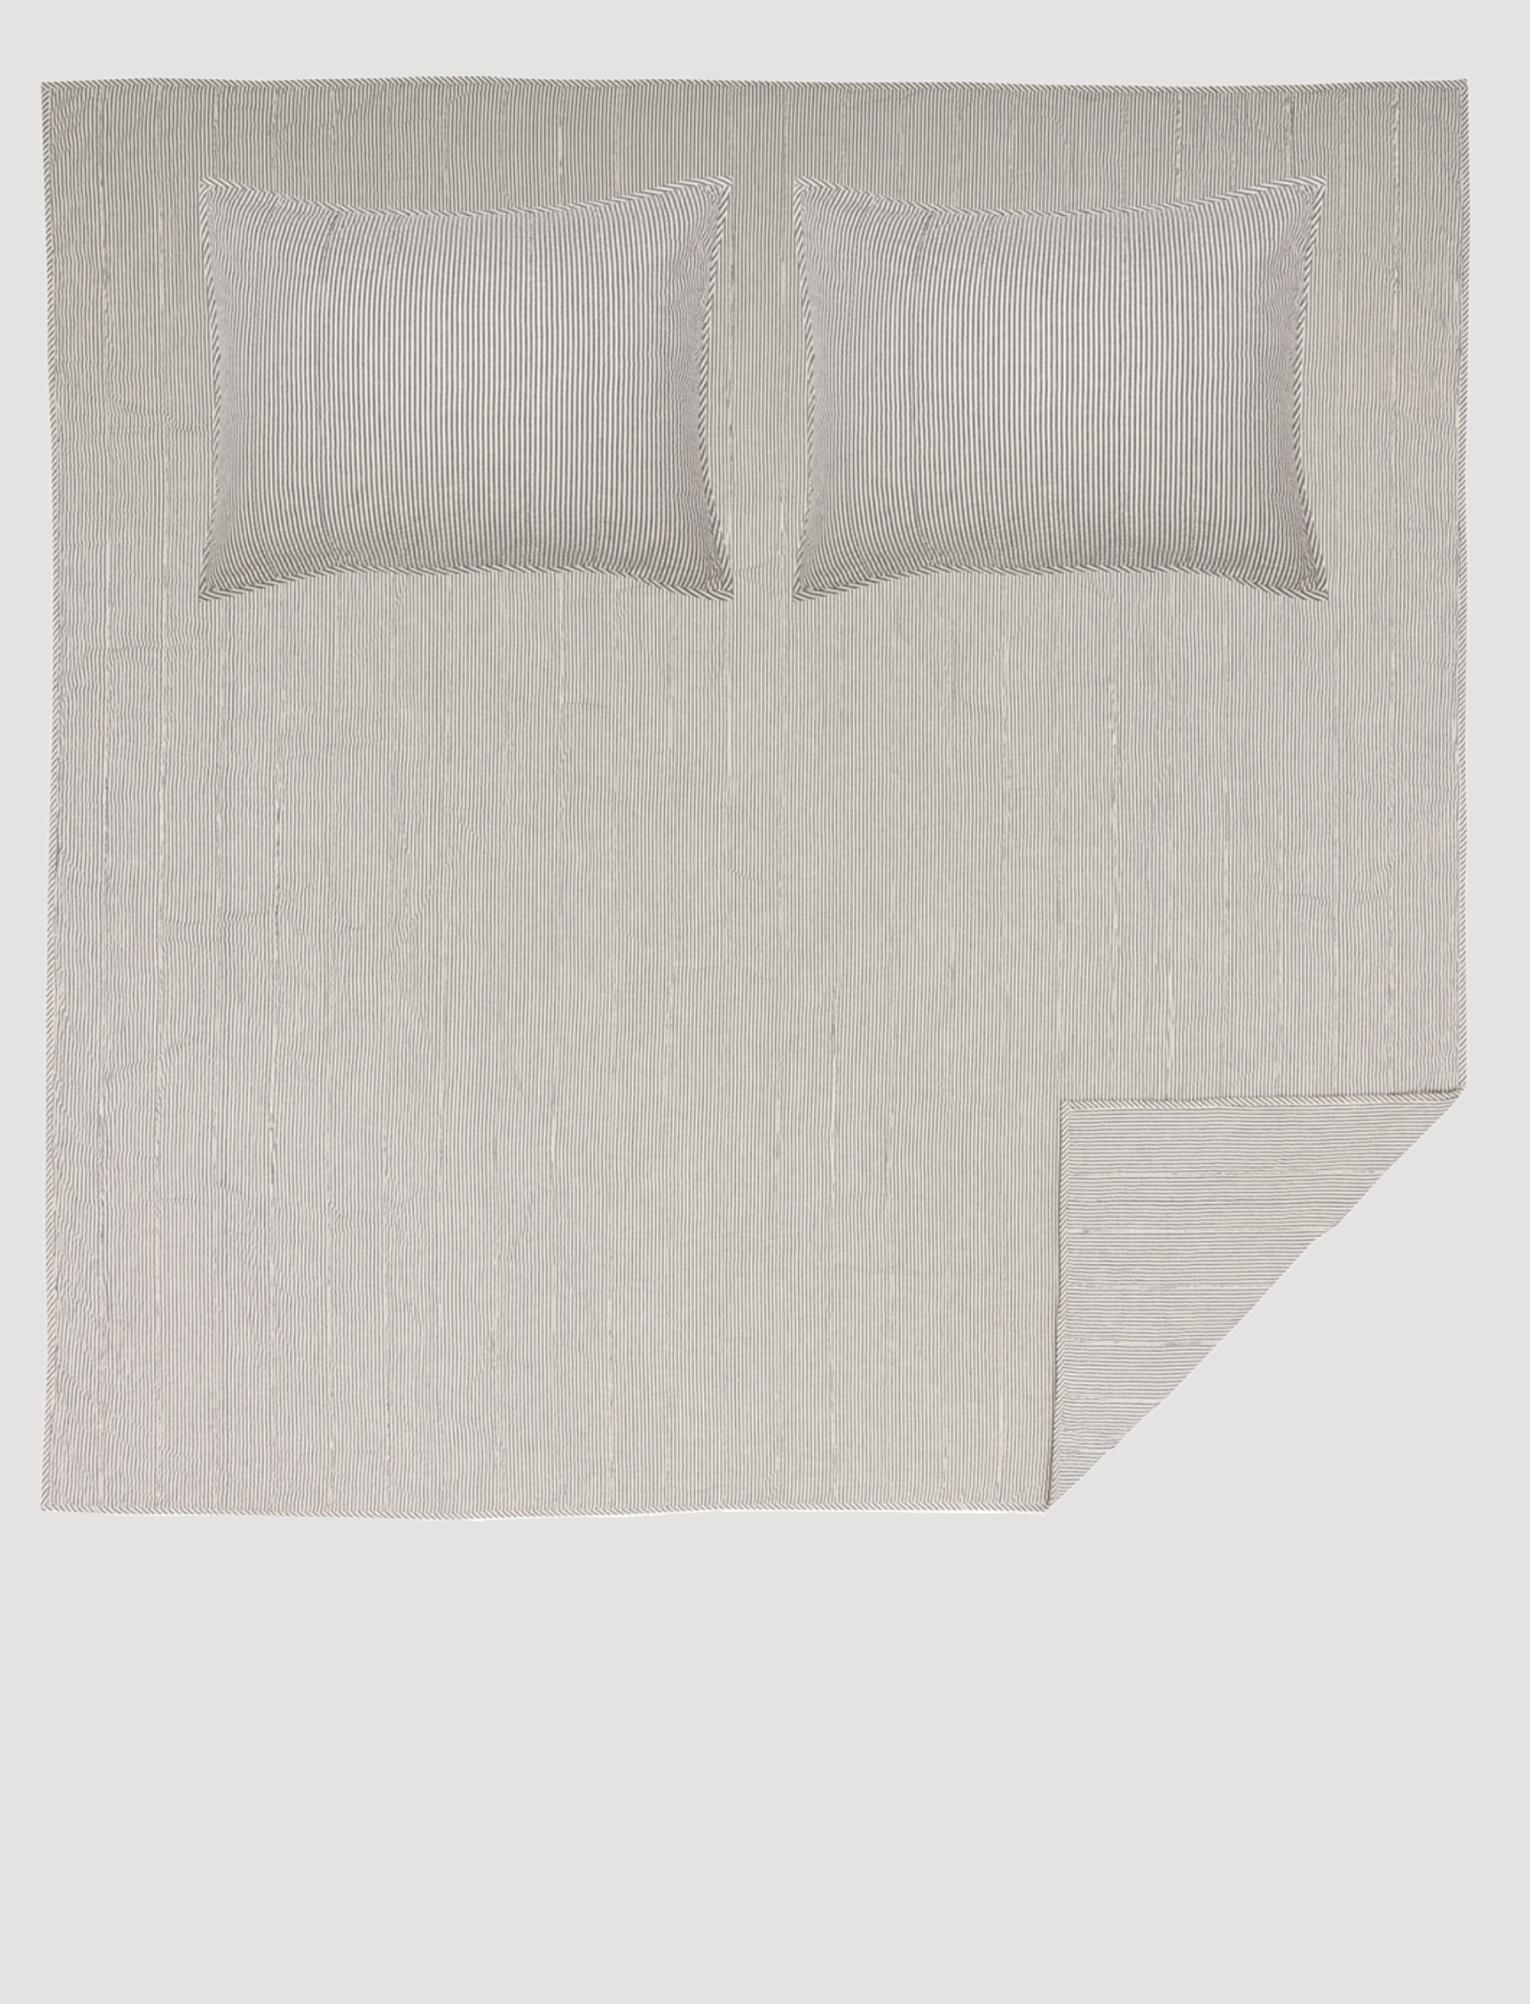 VHC Brands Hatteras Seersucker Blue Ticking Stripe Quilt Coverlet